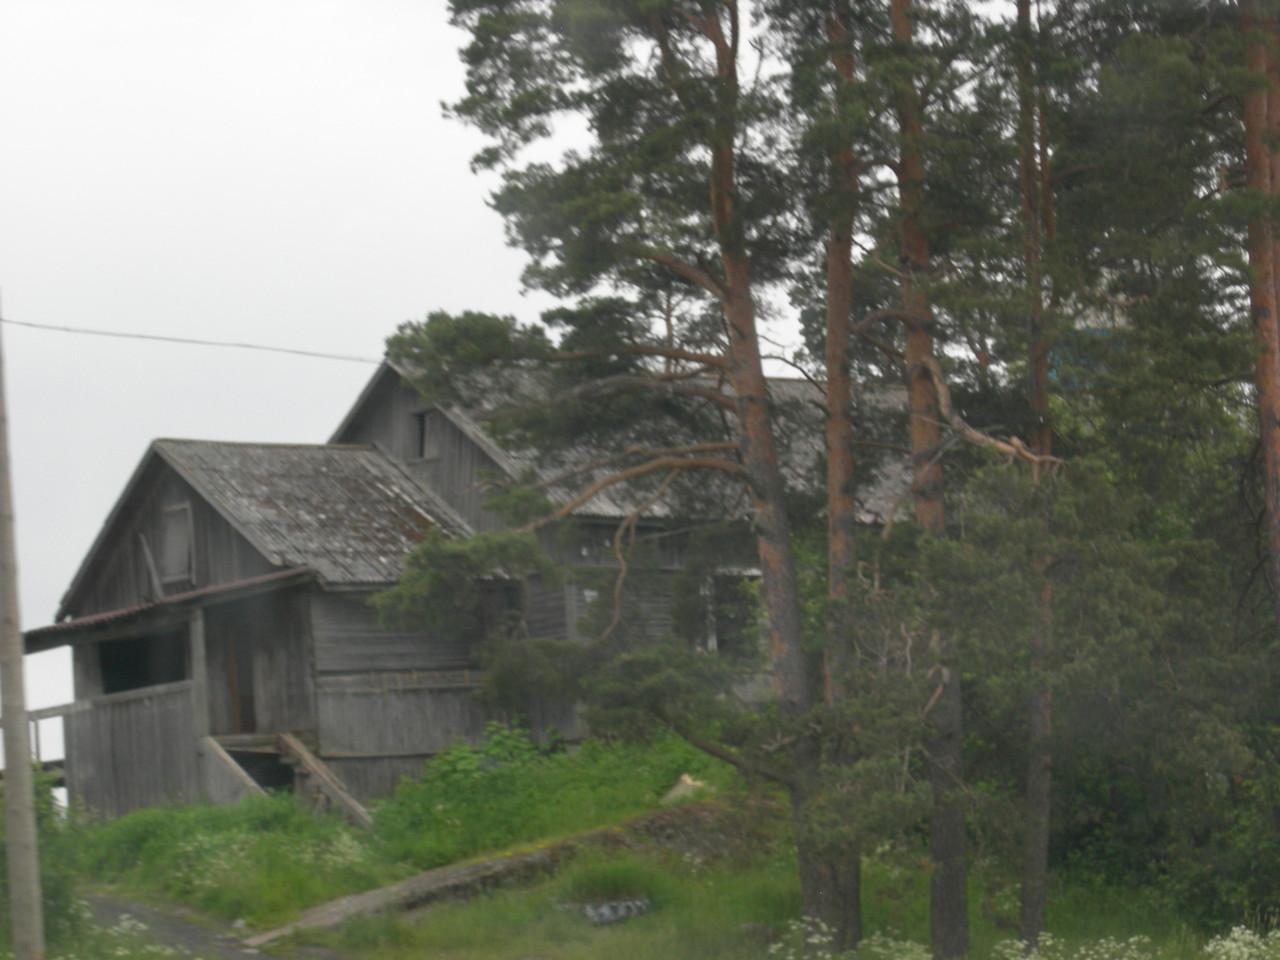 viele kleine Holzhäuser